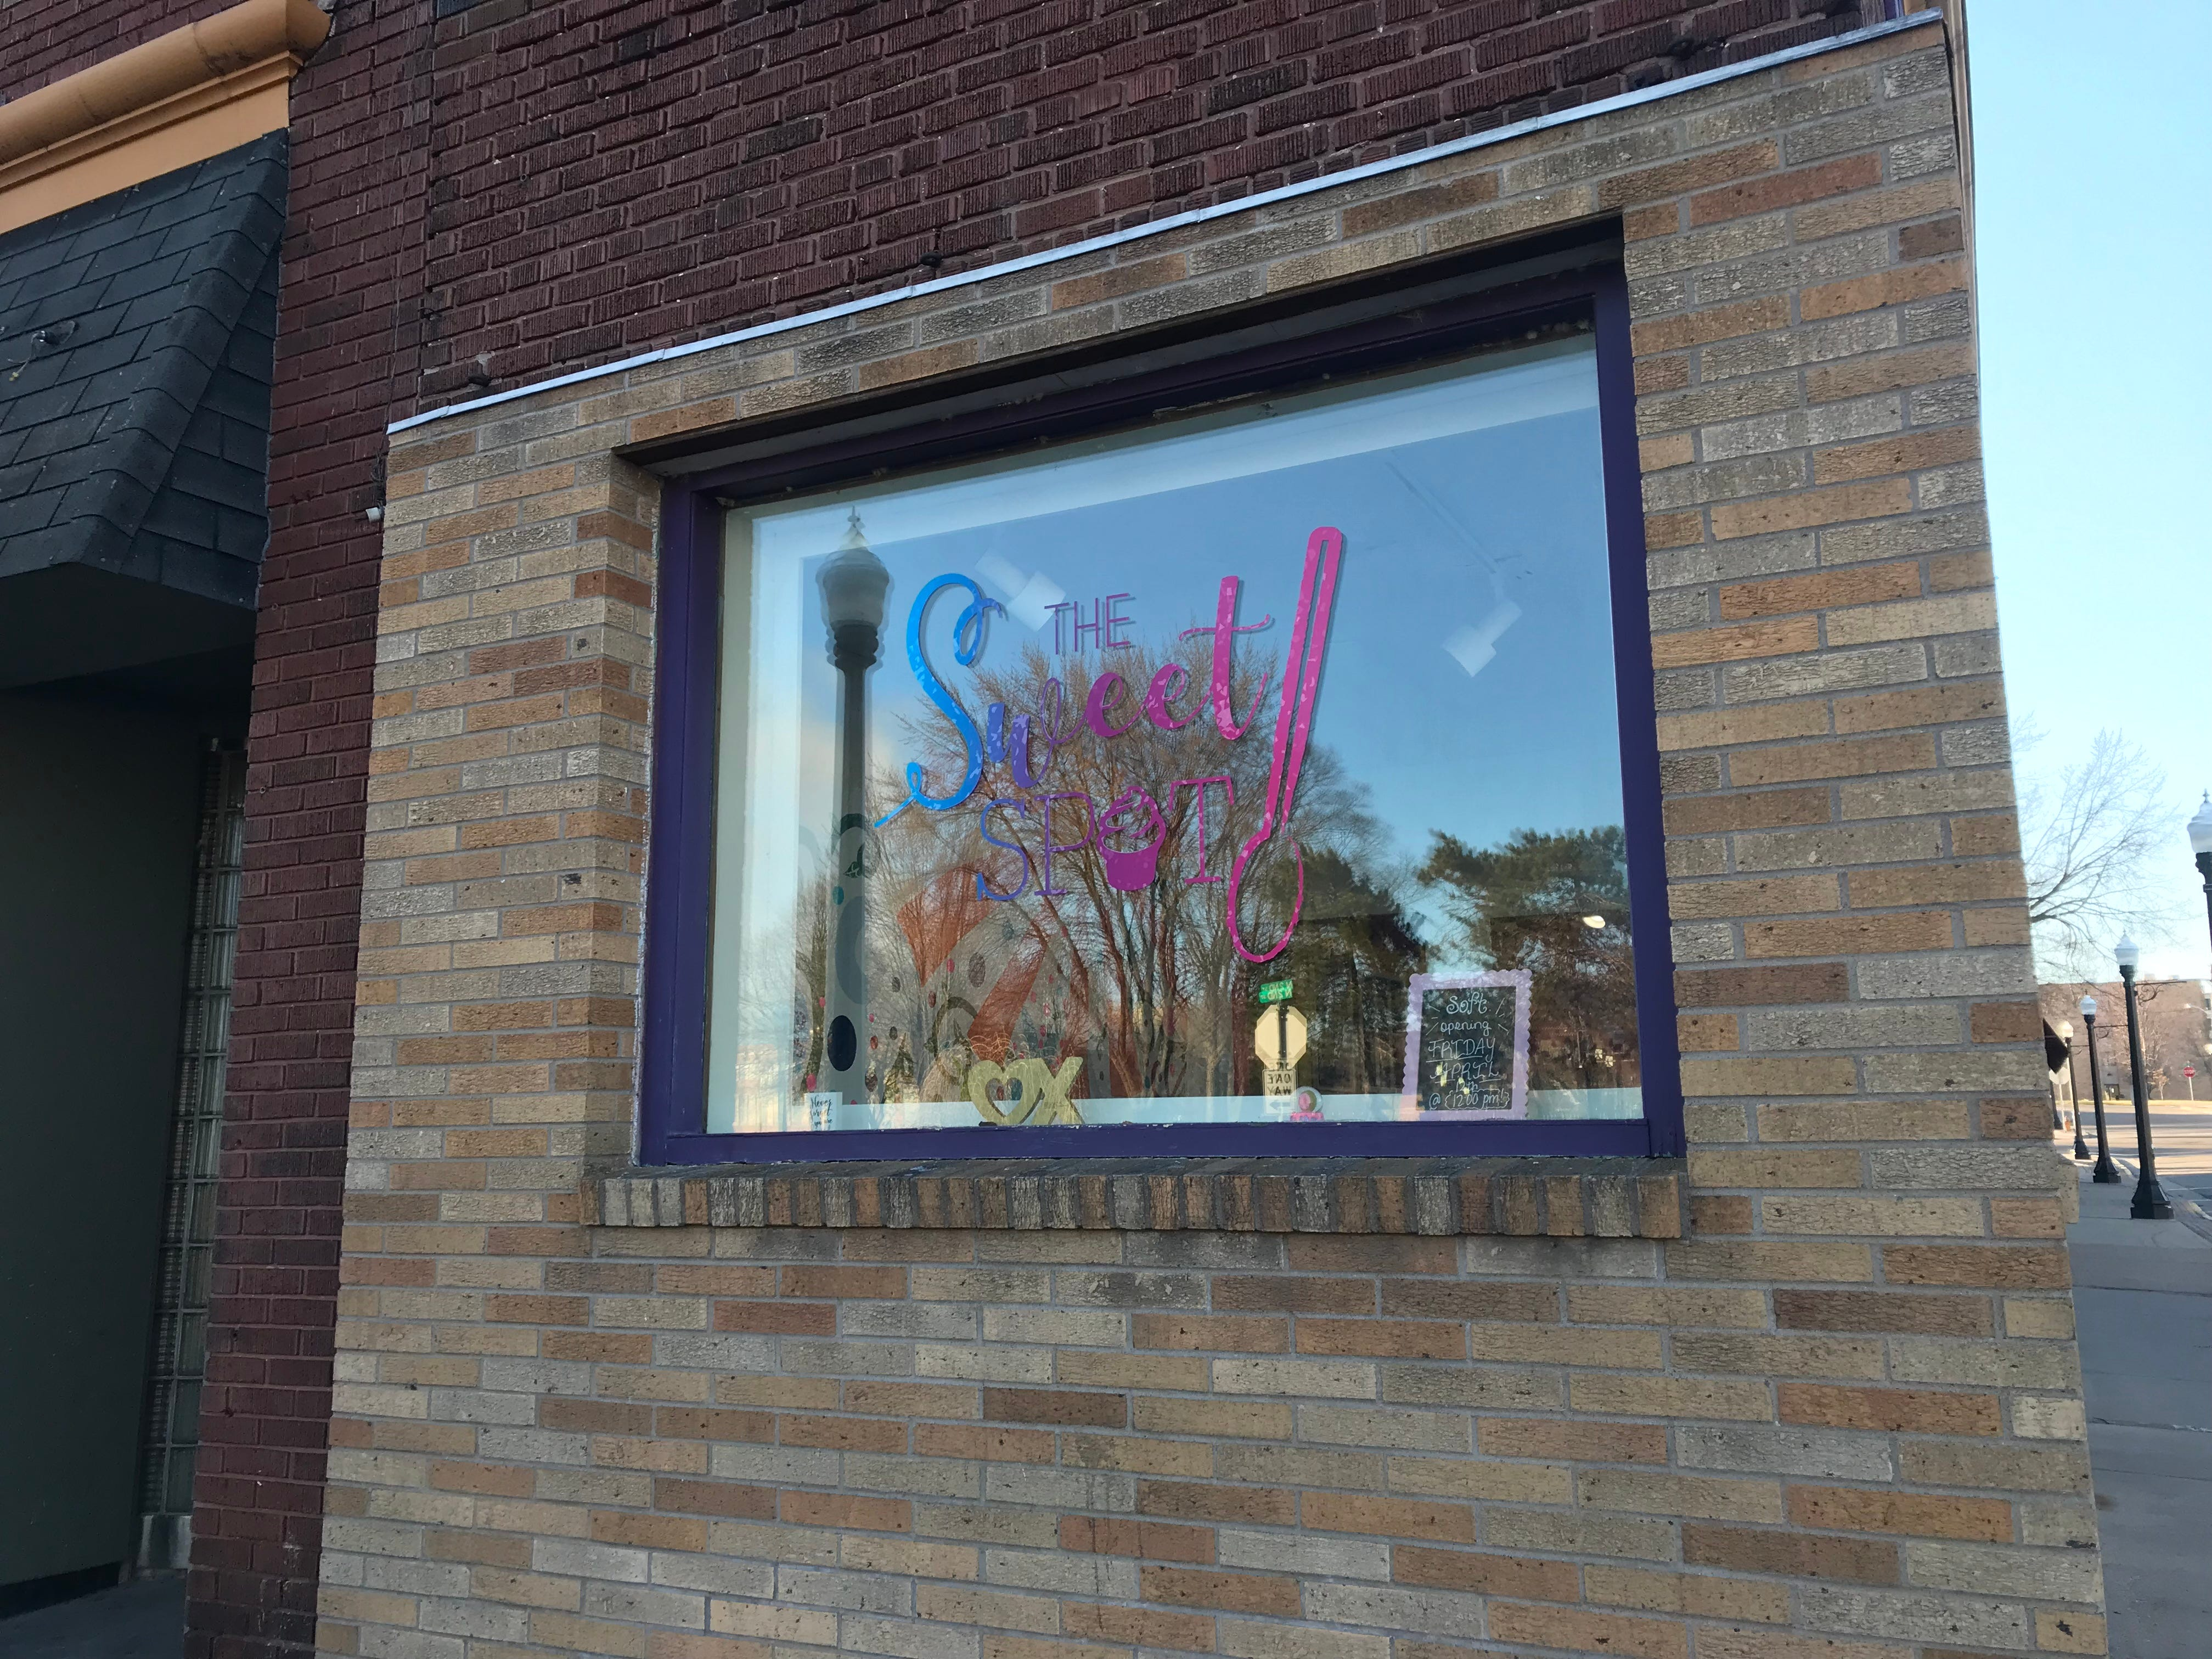 The Sweet Spot, 211 Oak St. in Wisconsin Rapids